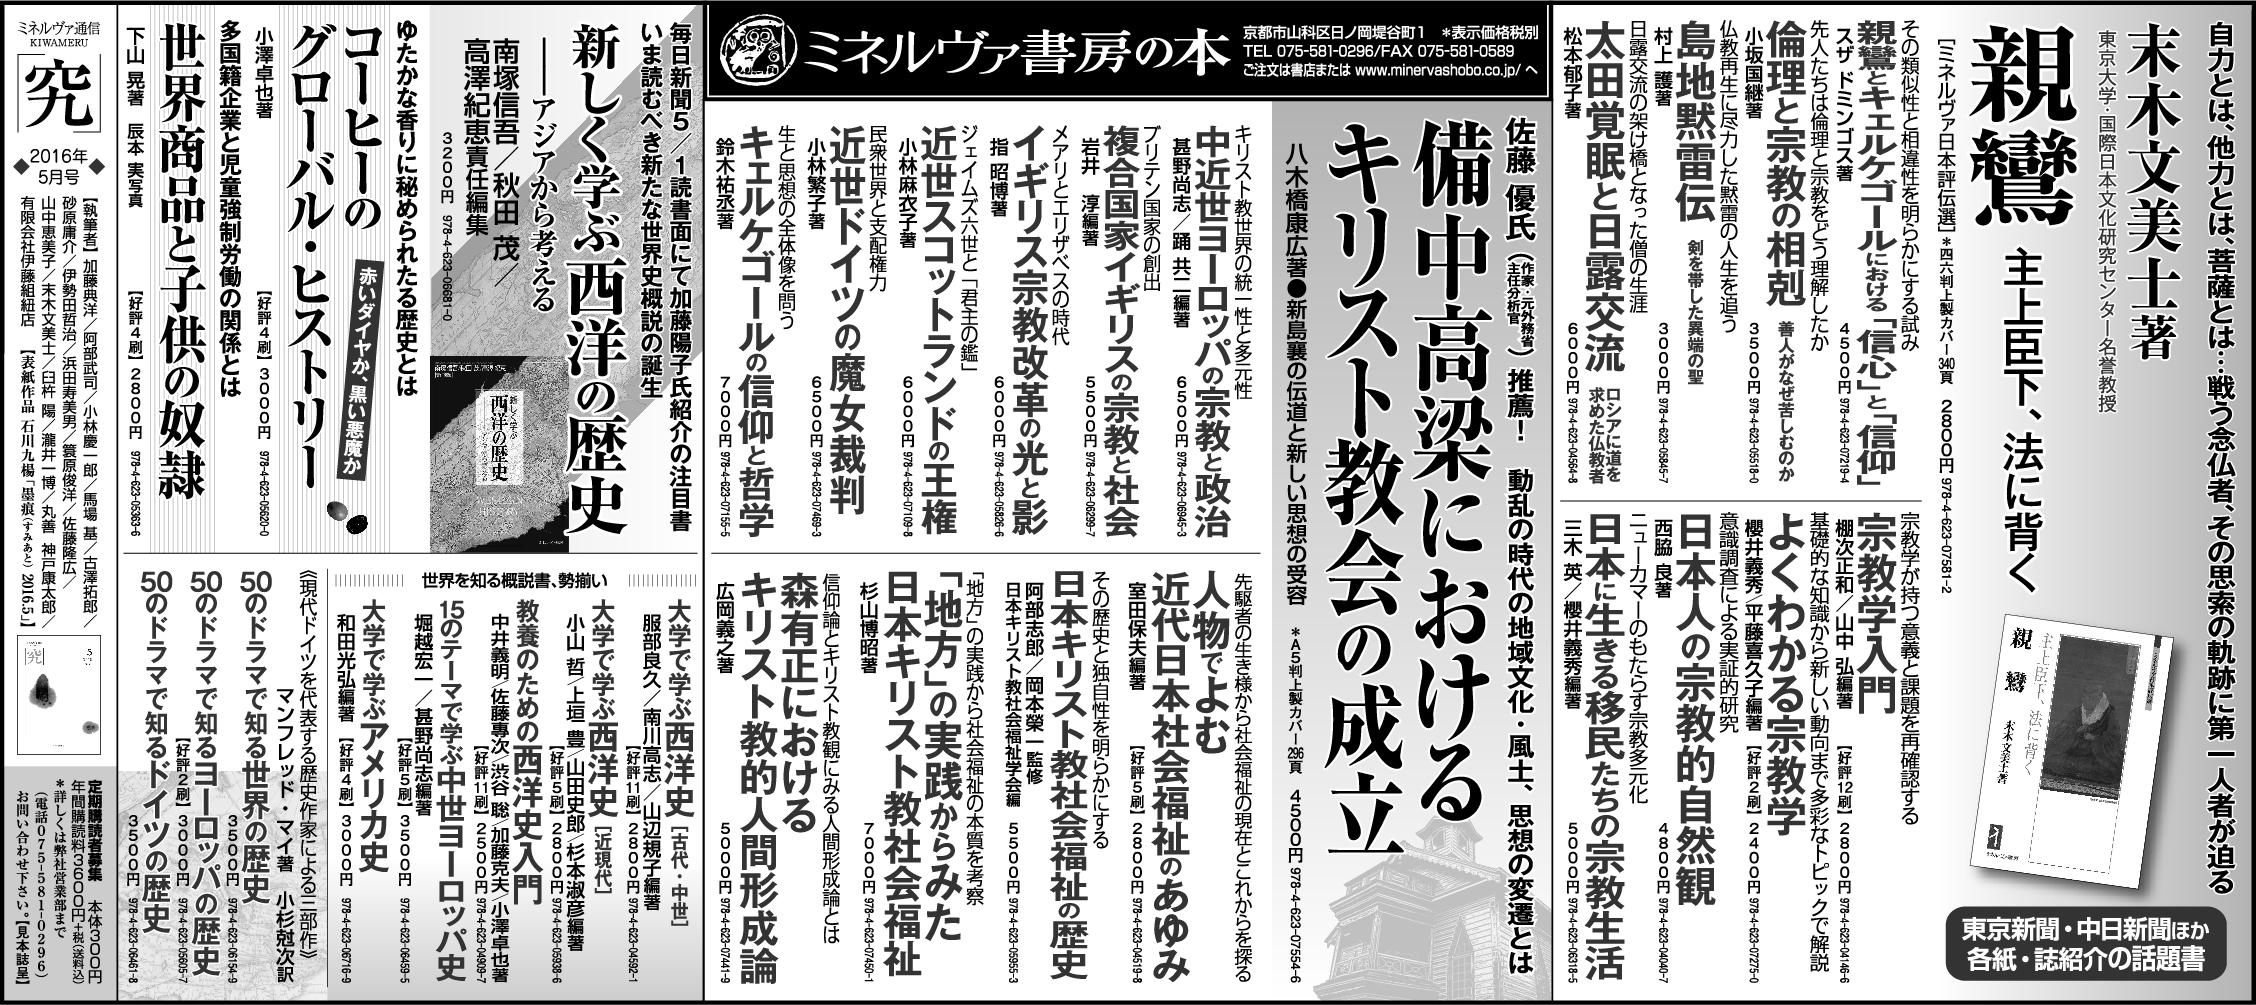 朝日新聞2016年5月8日(読書面)全5段広告